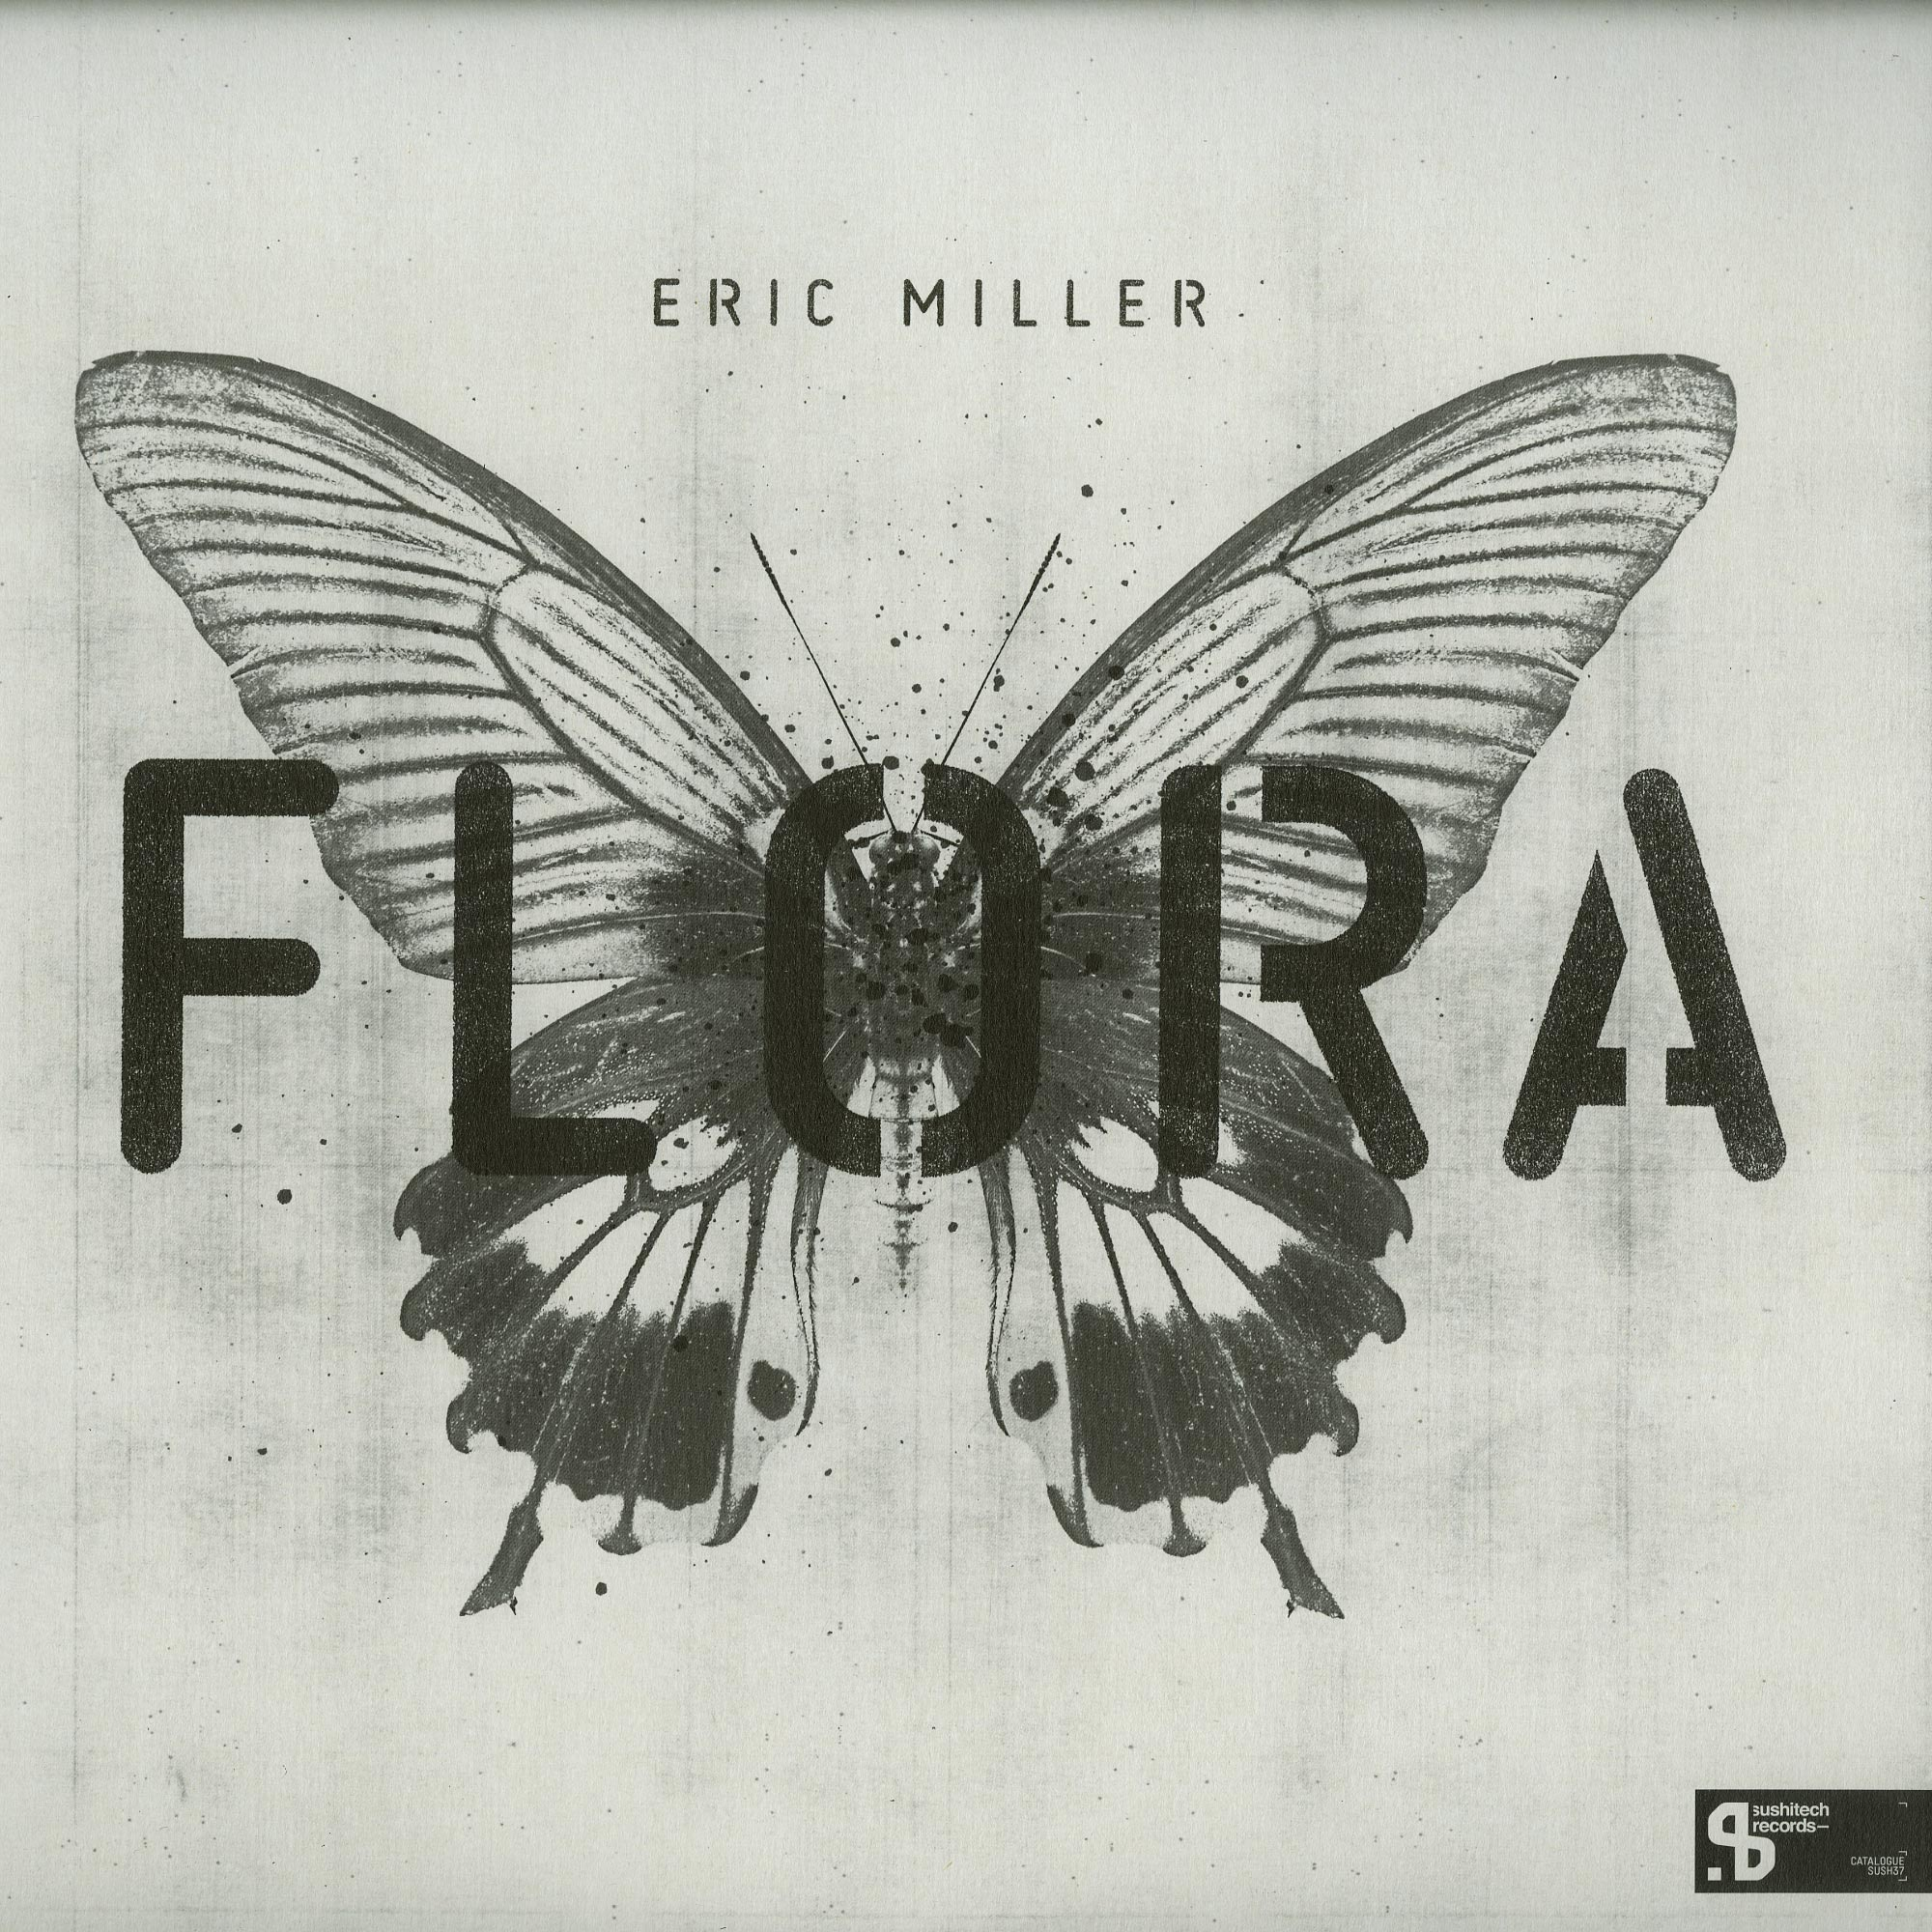 Eric Miller aka Baaz - FLORA